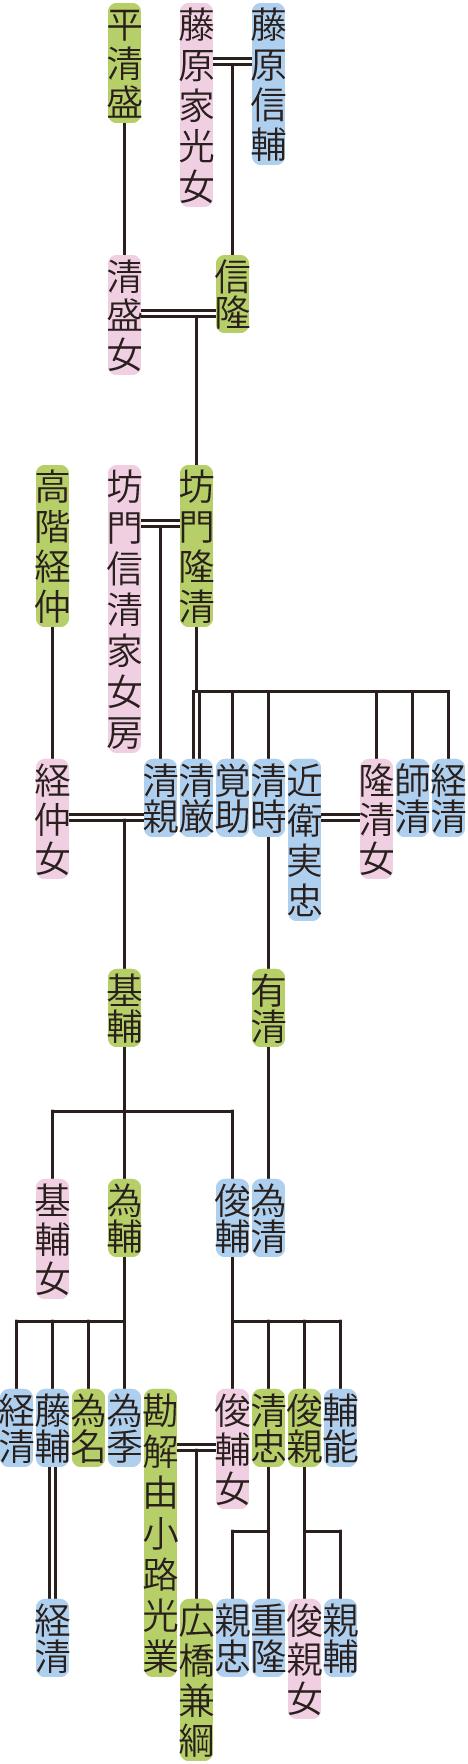 坊門隆清の系図